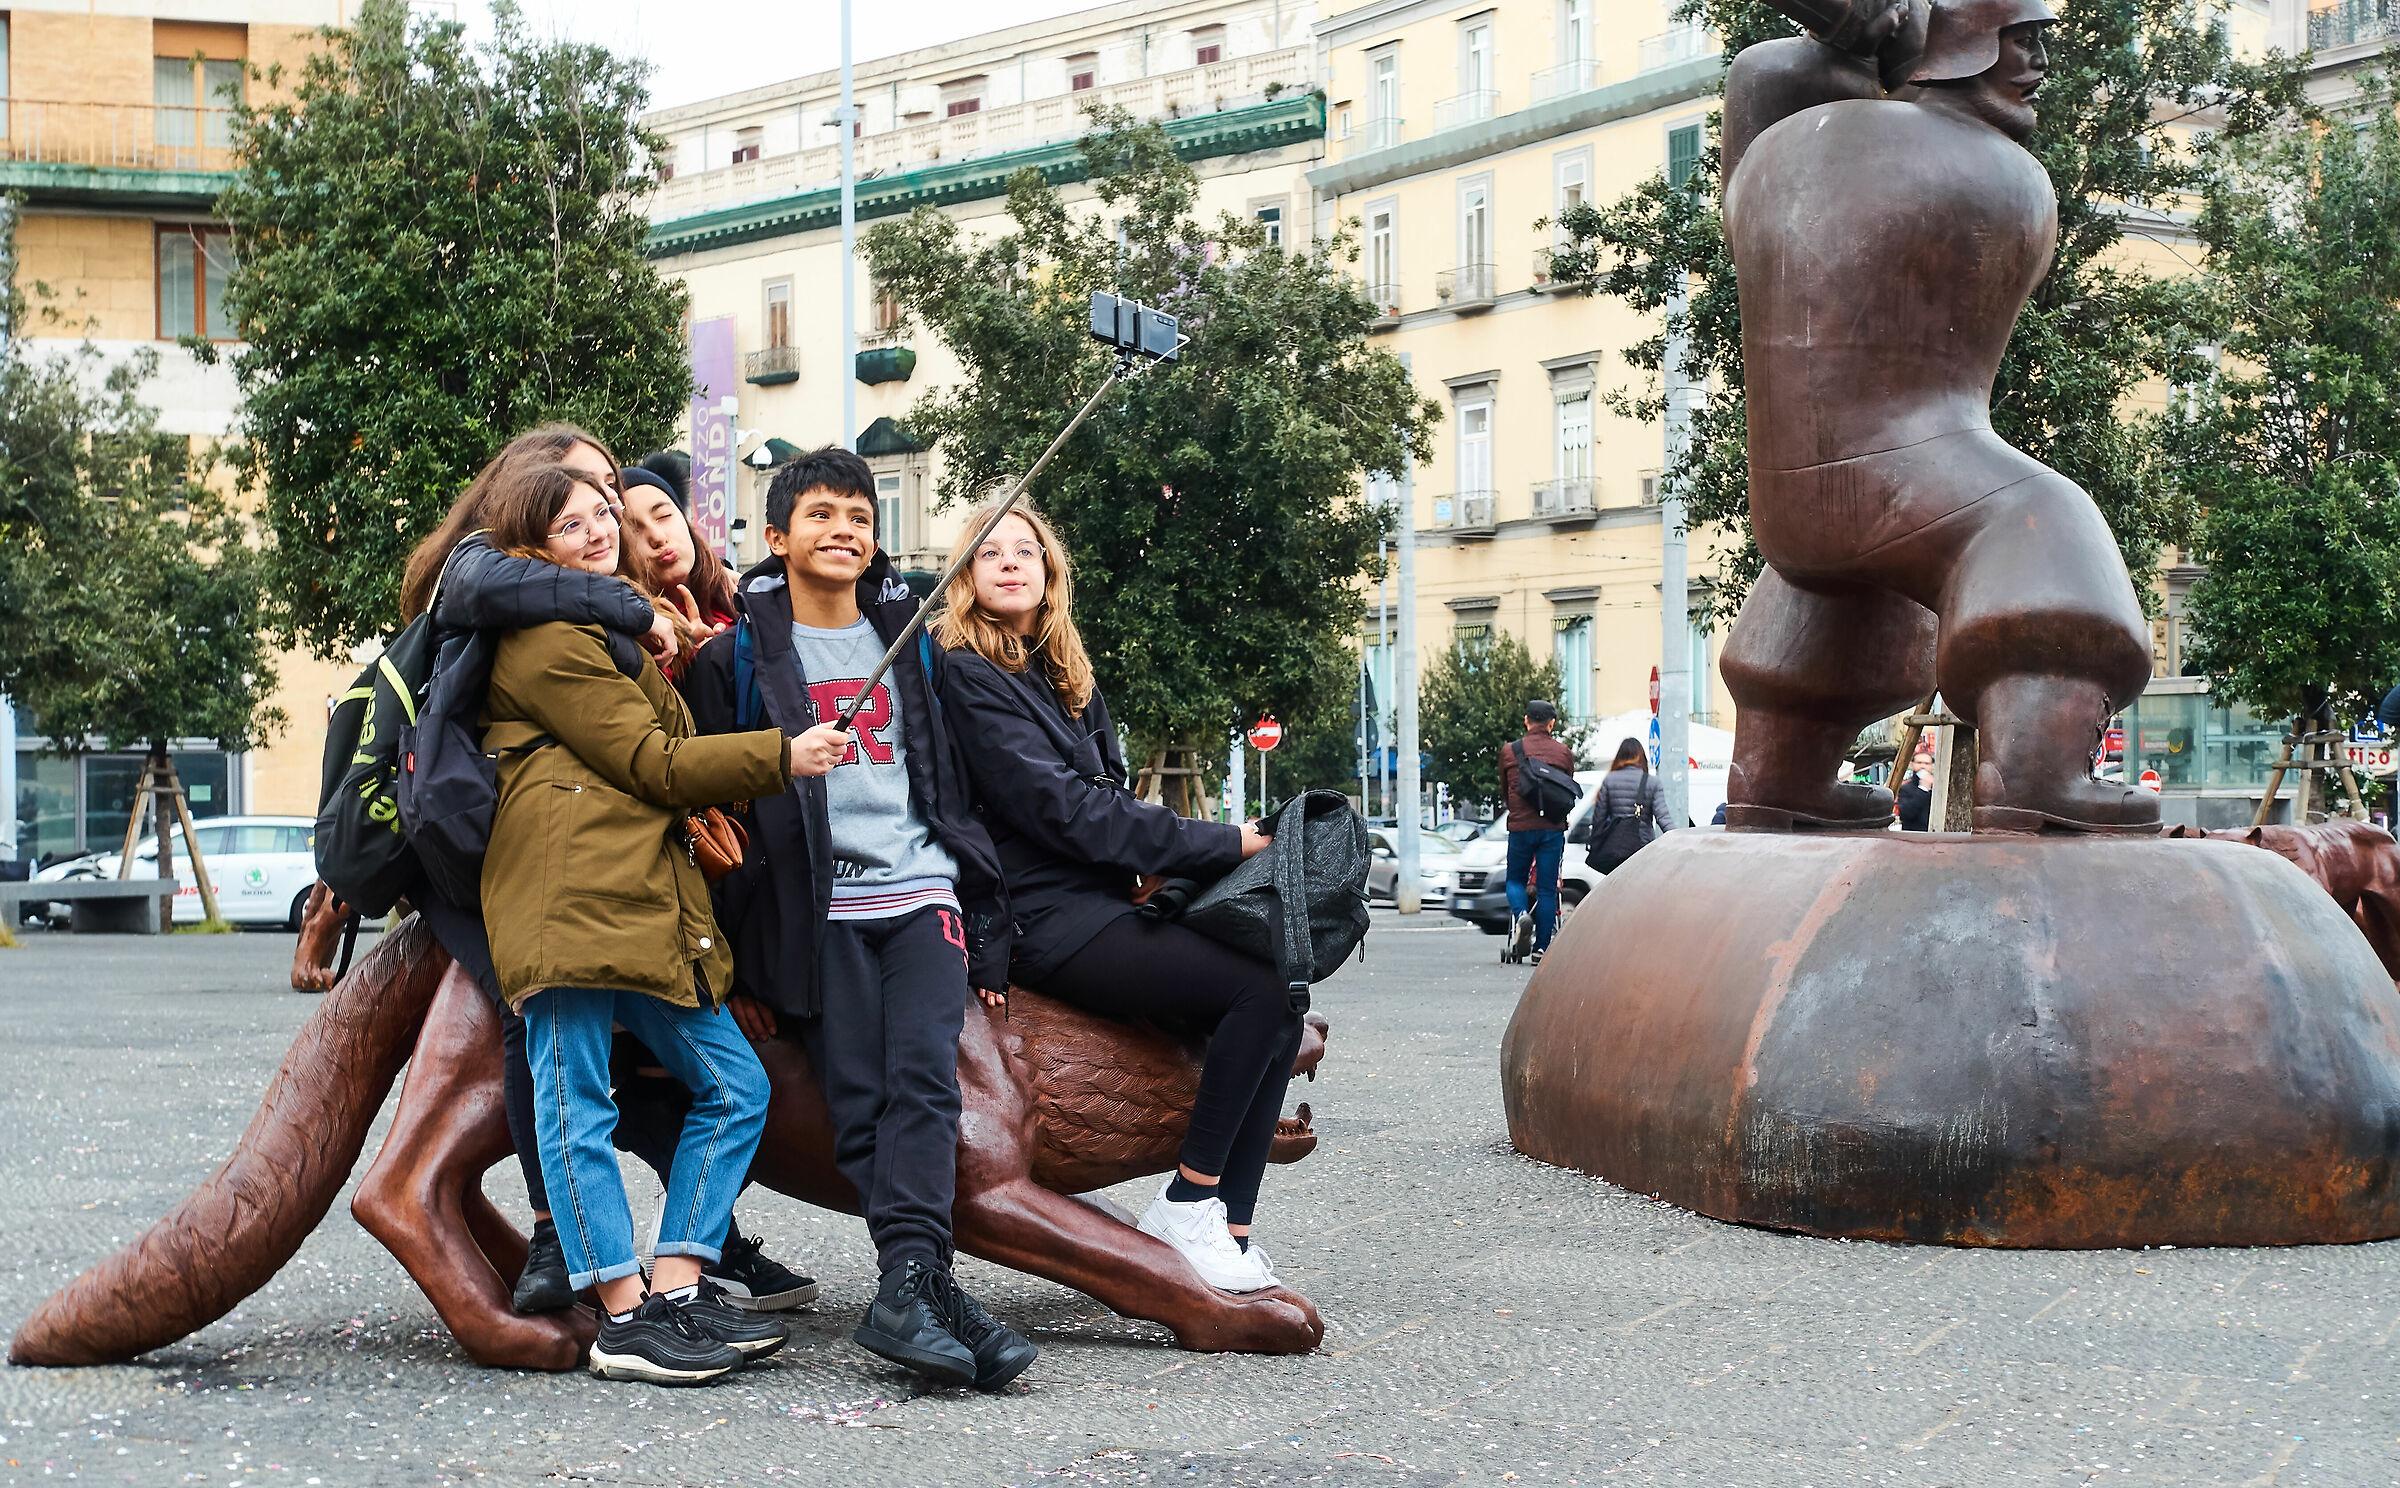 Napoli: un selfie intrepidamente cavalcando la bestia...